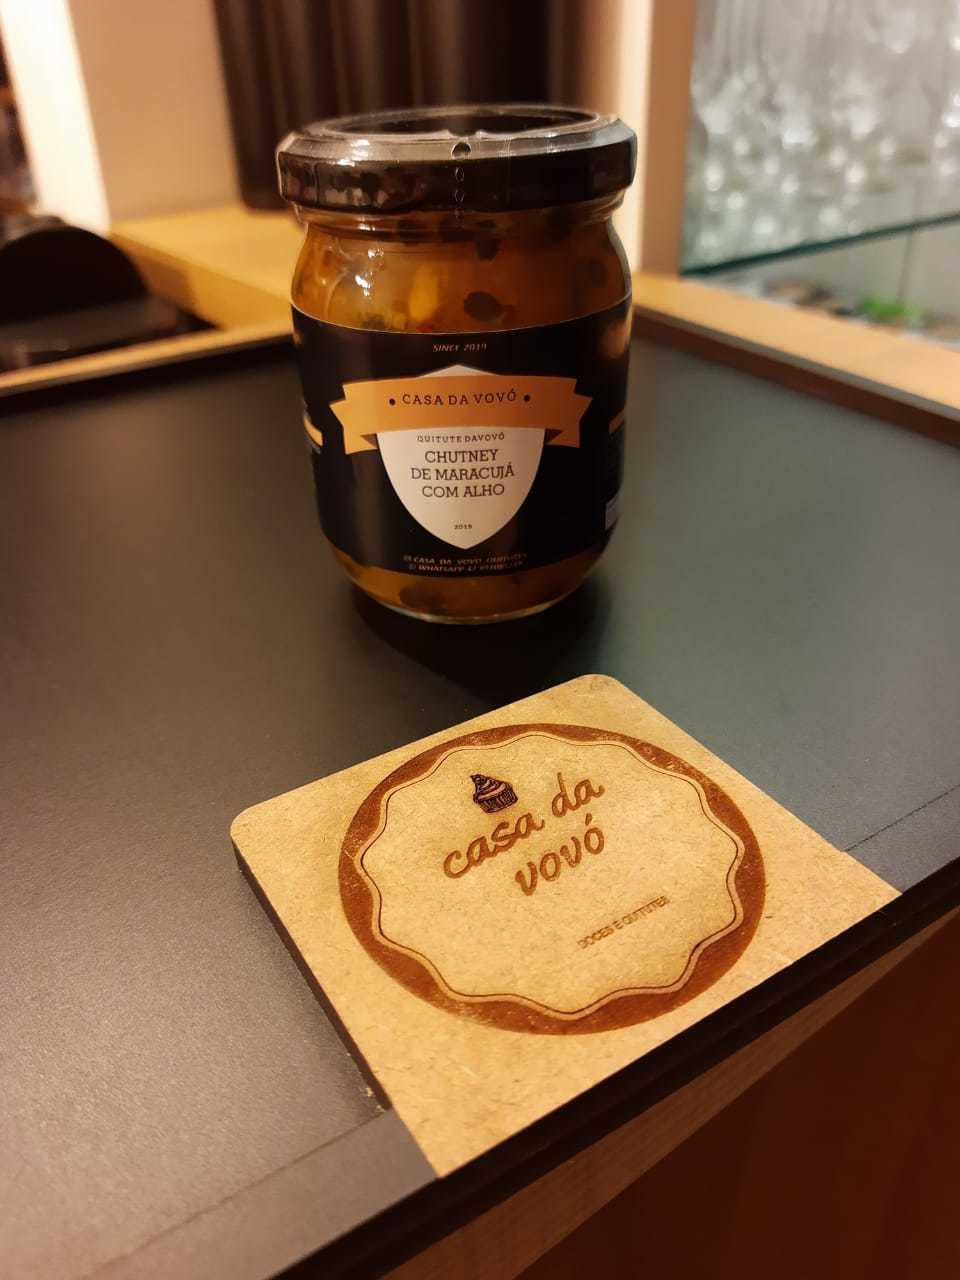 Chutney de Maracuja com Alho